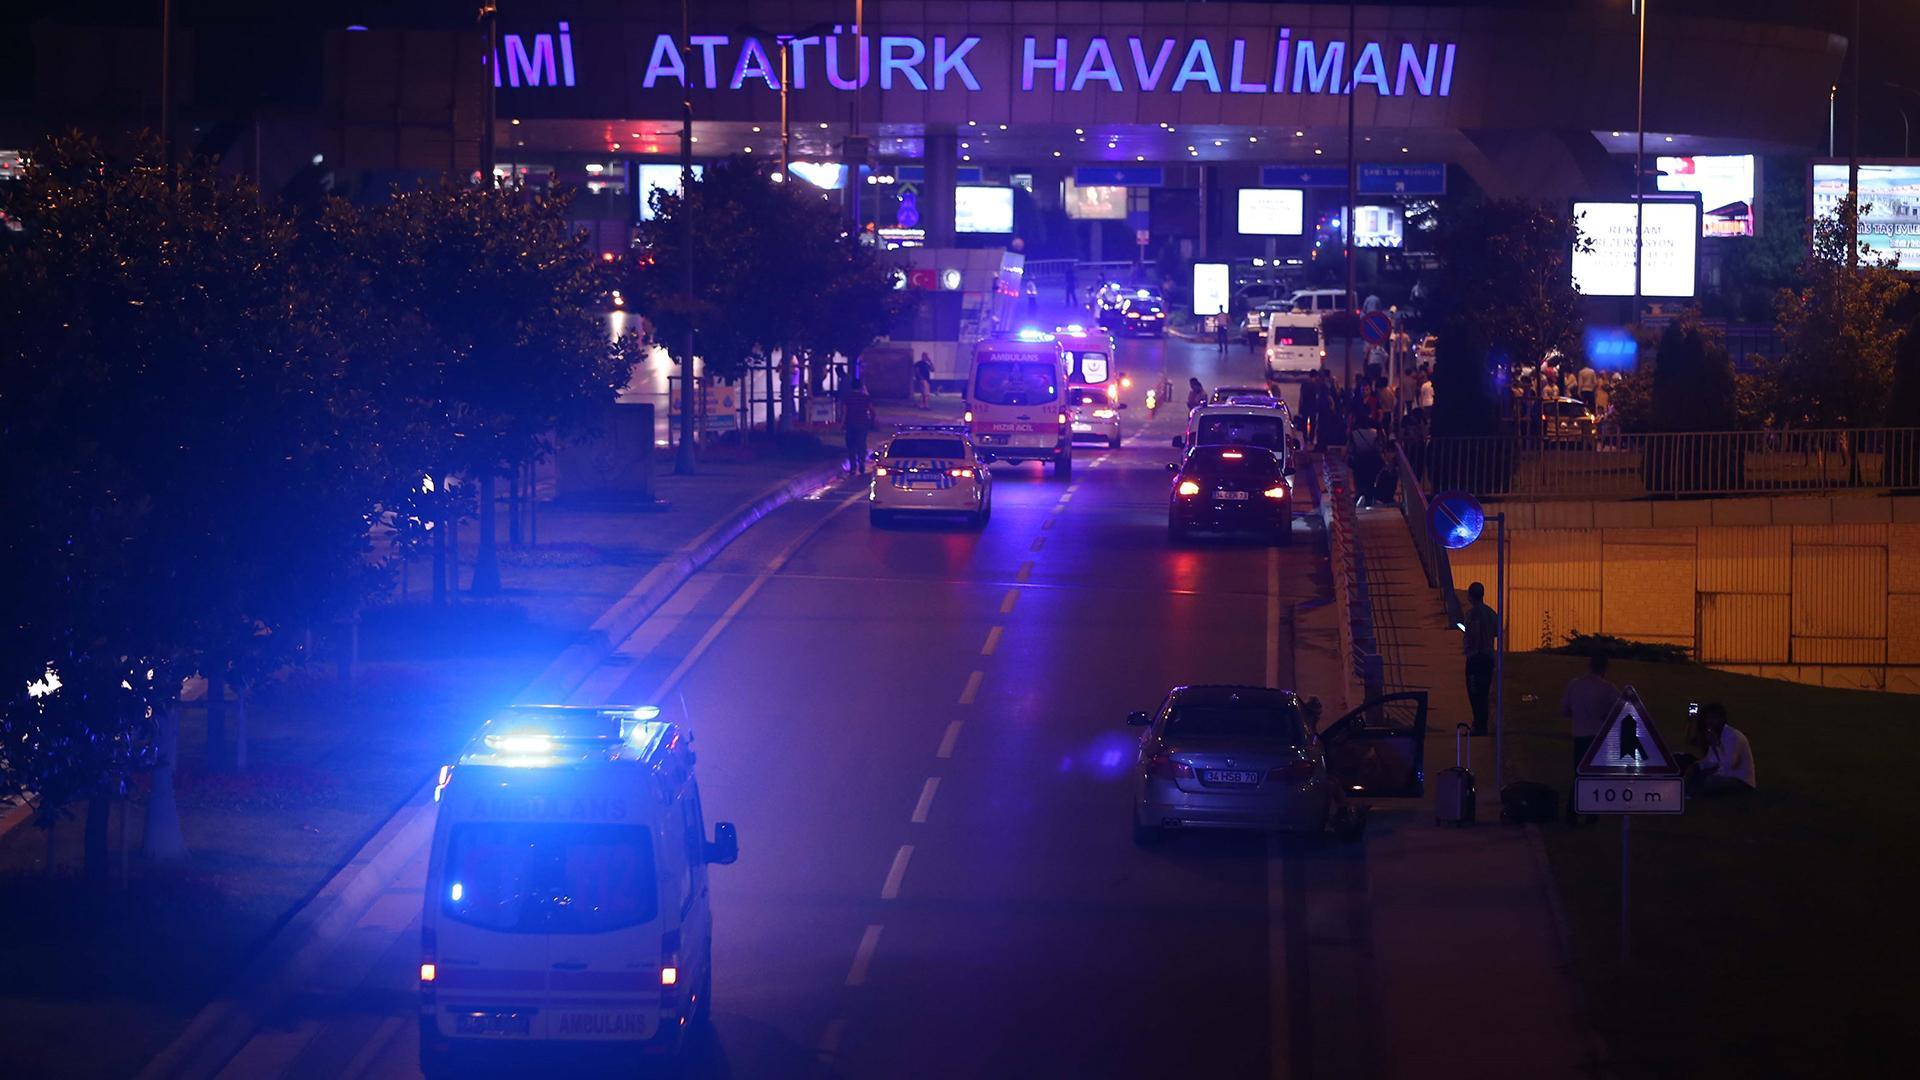 هجوم مطار أتاتورك - إسطنبول